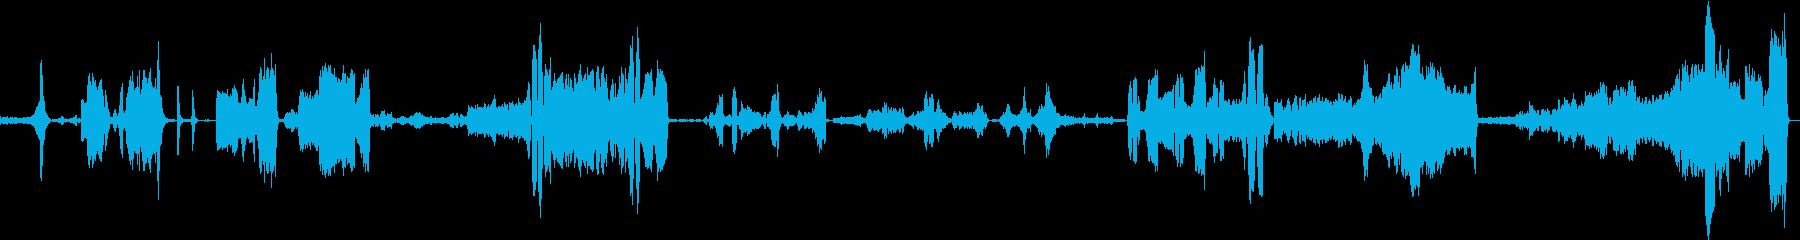 パウル・ヒンデミットのカバーの再生済みの波形